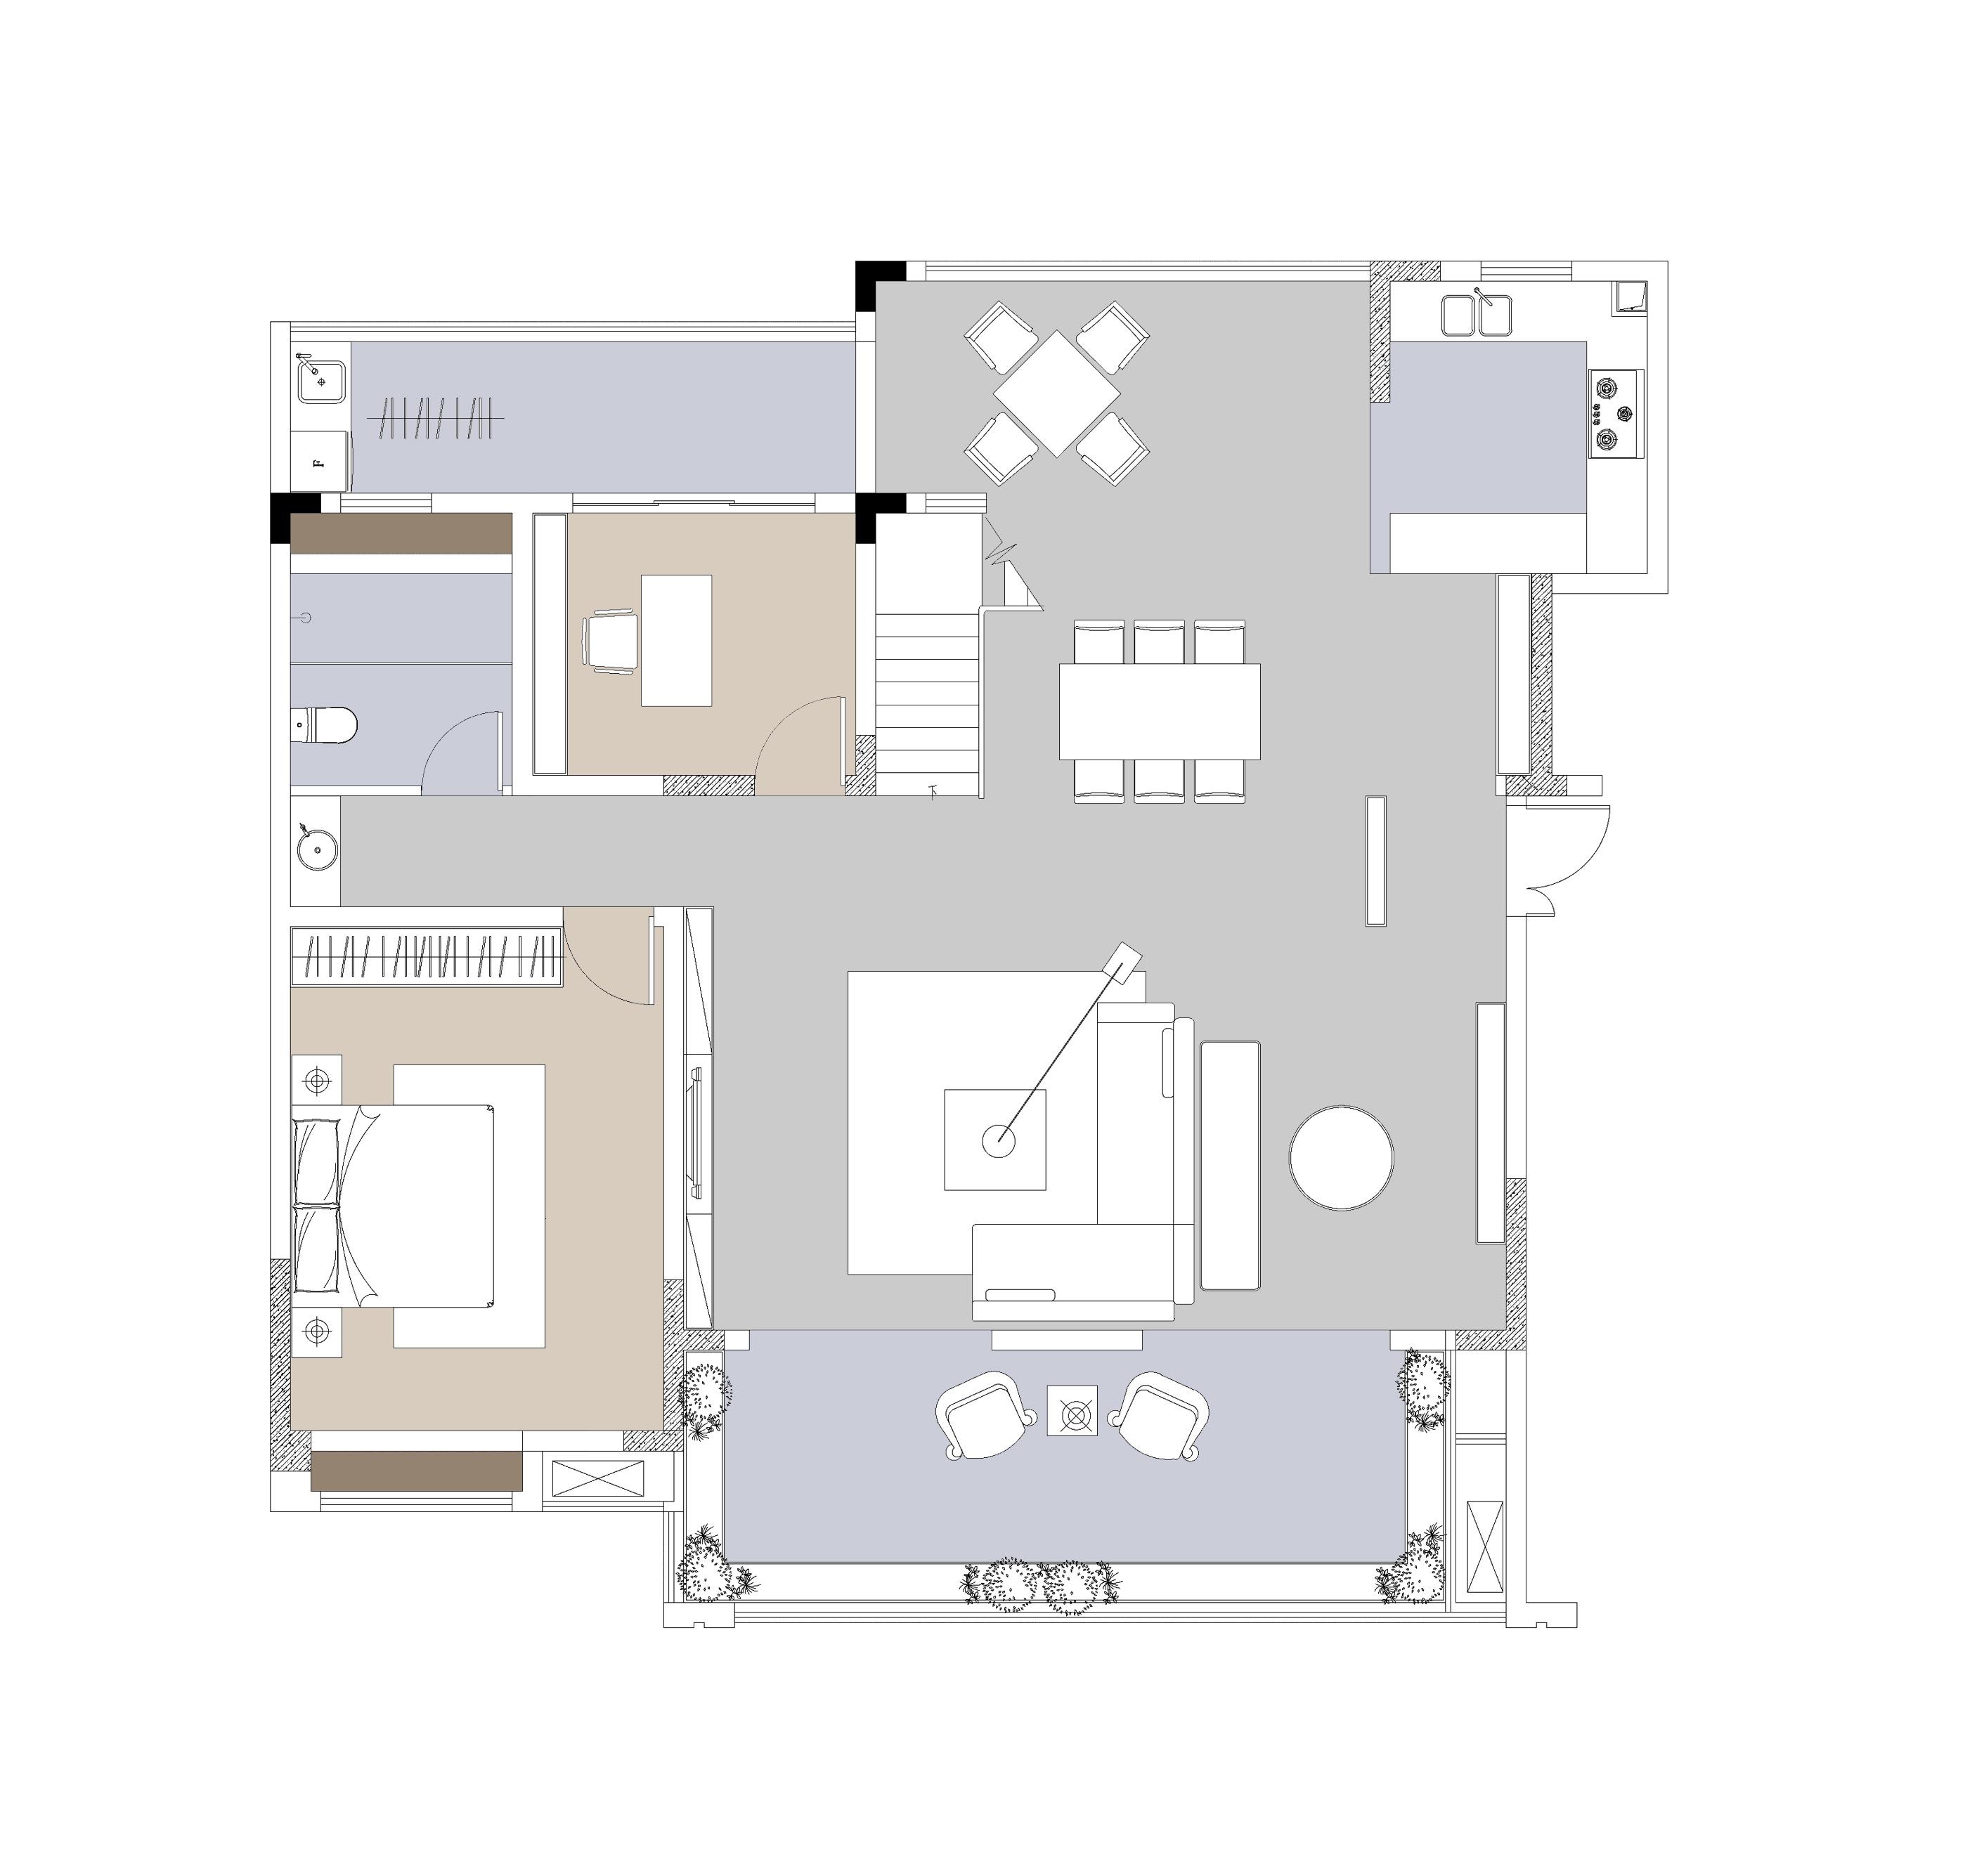 山河原著洋房B5130复式-一楼Model